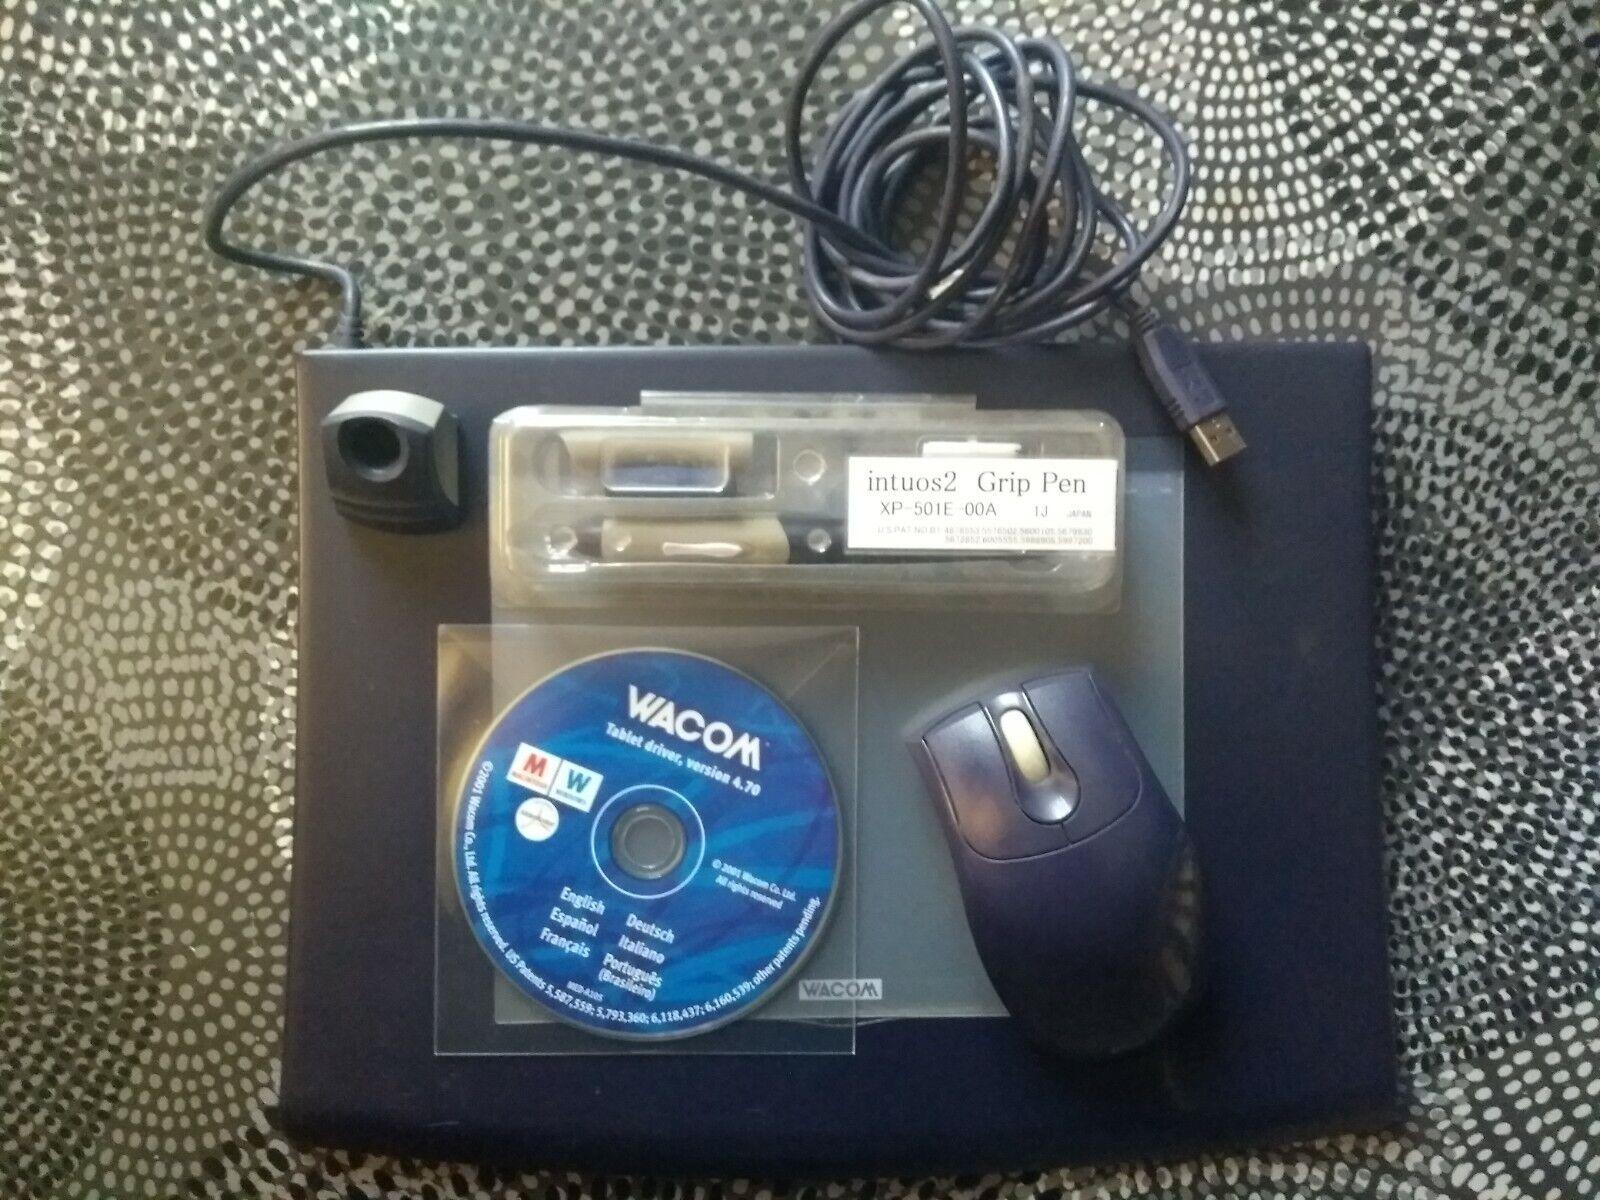 Tablette graphique wacom intuos 2 (modèle xd-0608-u0a) + accessoires + drivers